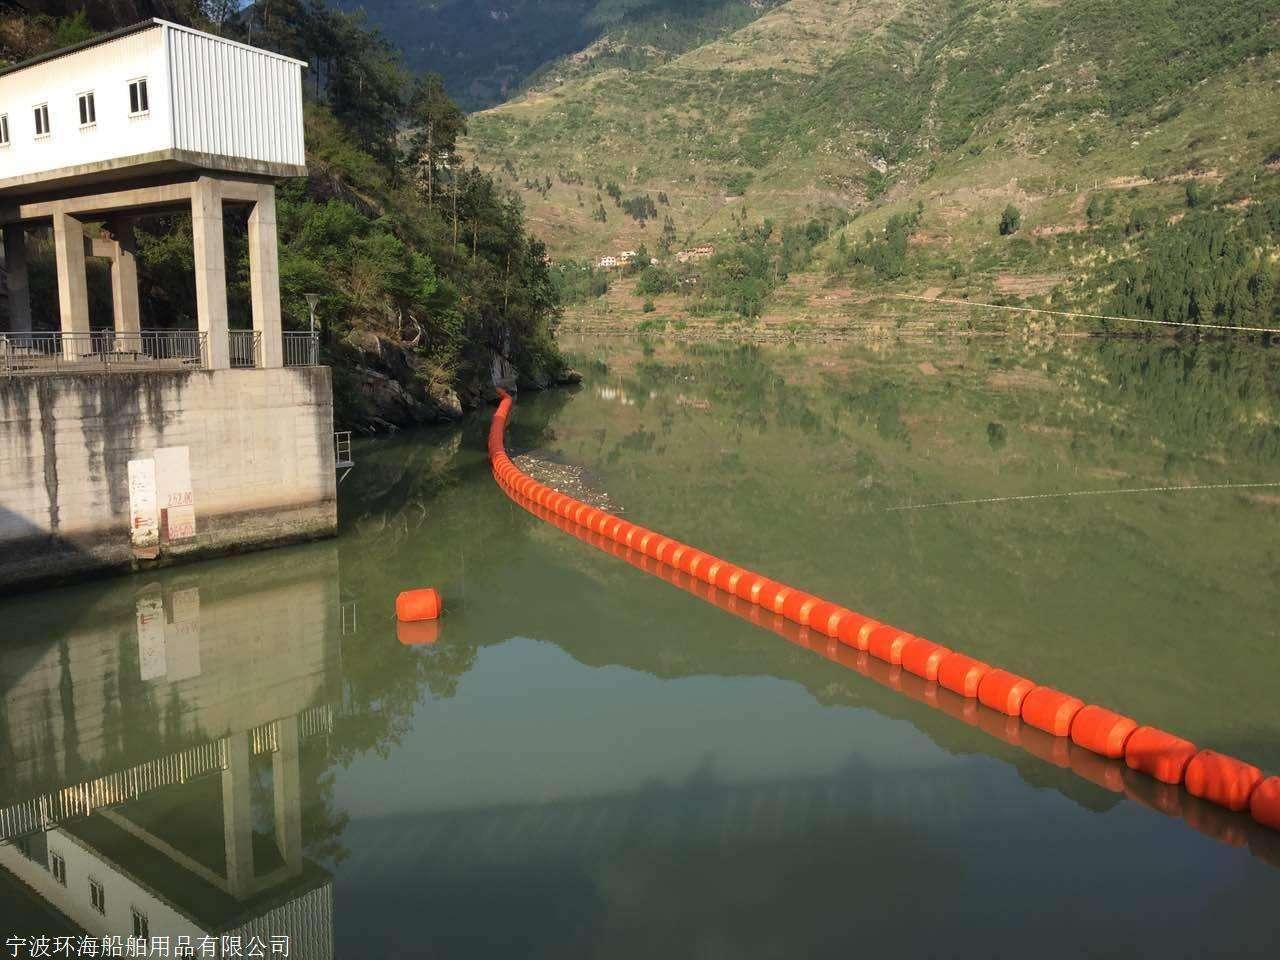 湖南拦污方案设计 耐磨耐腐蚀